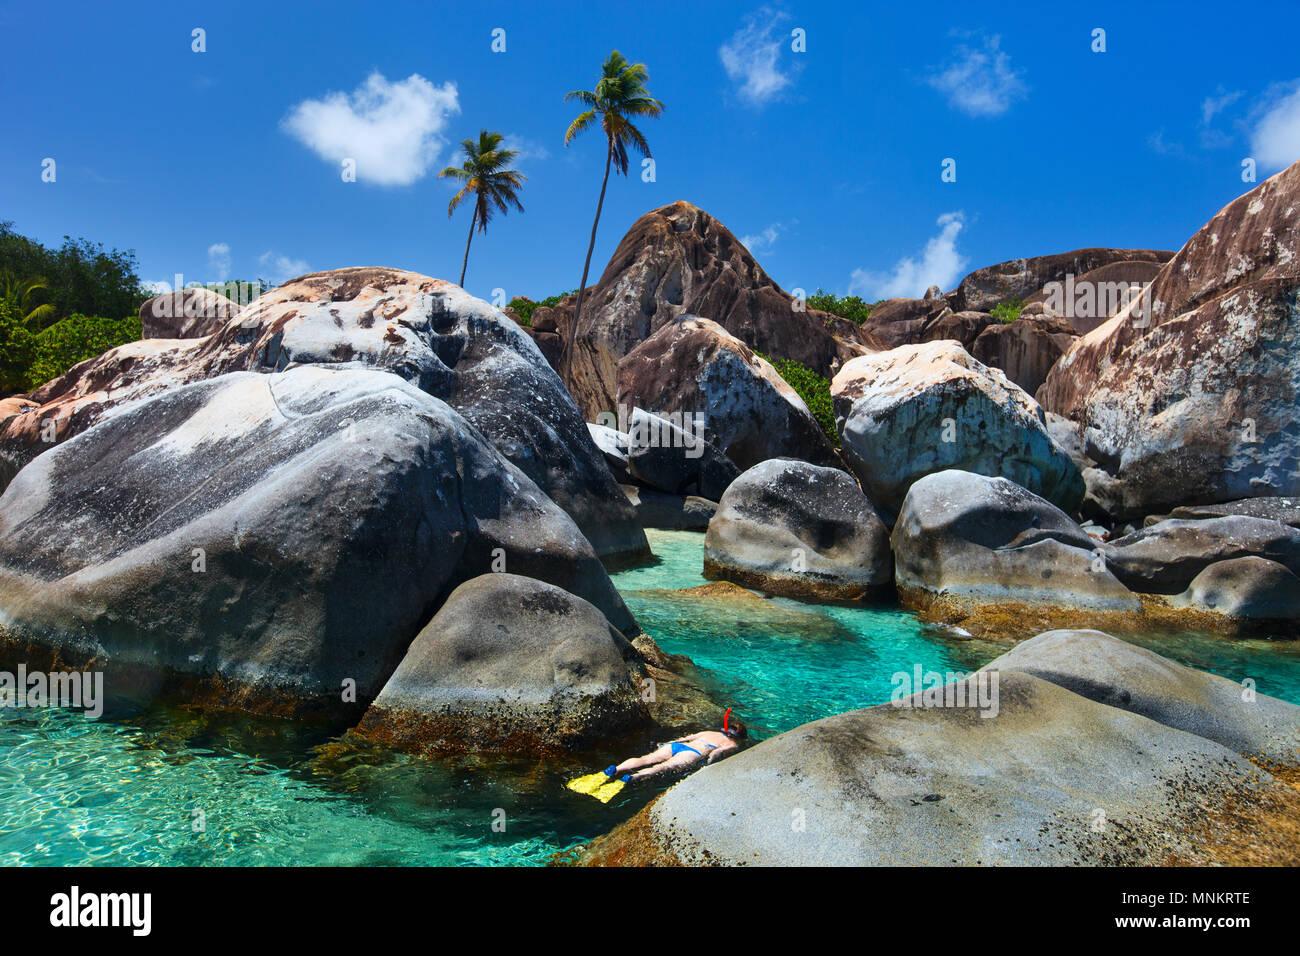 Junge Frau Schnorcheln in Türkis tropisches Wasser unter riesigen Granitfelsen auf die Bäder, Strand, British Virgin Islands, Karibik Stockfoto